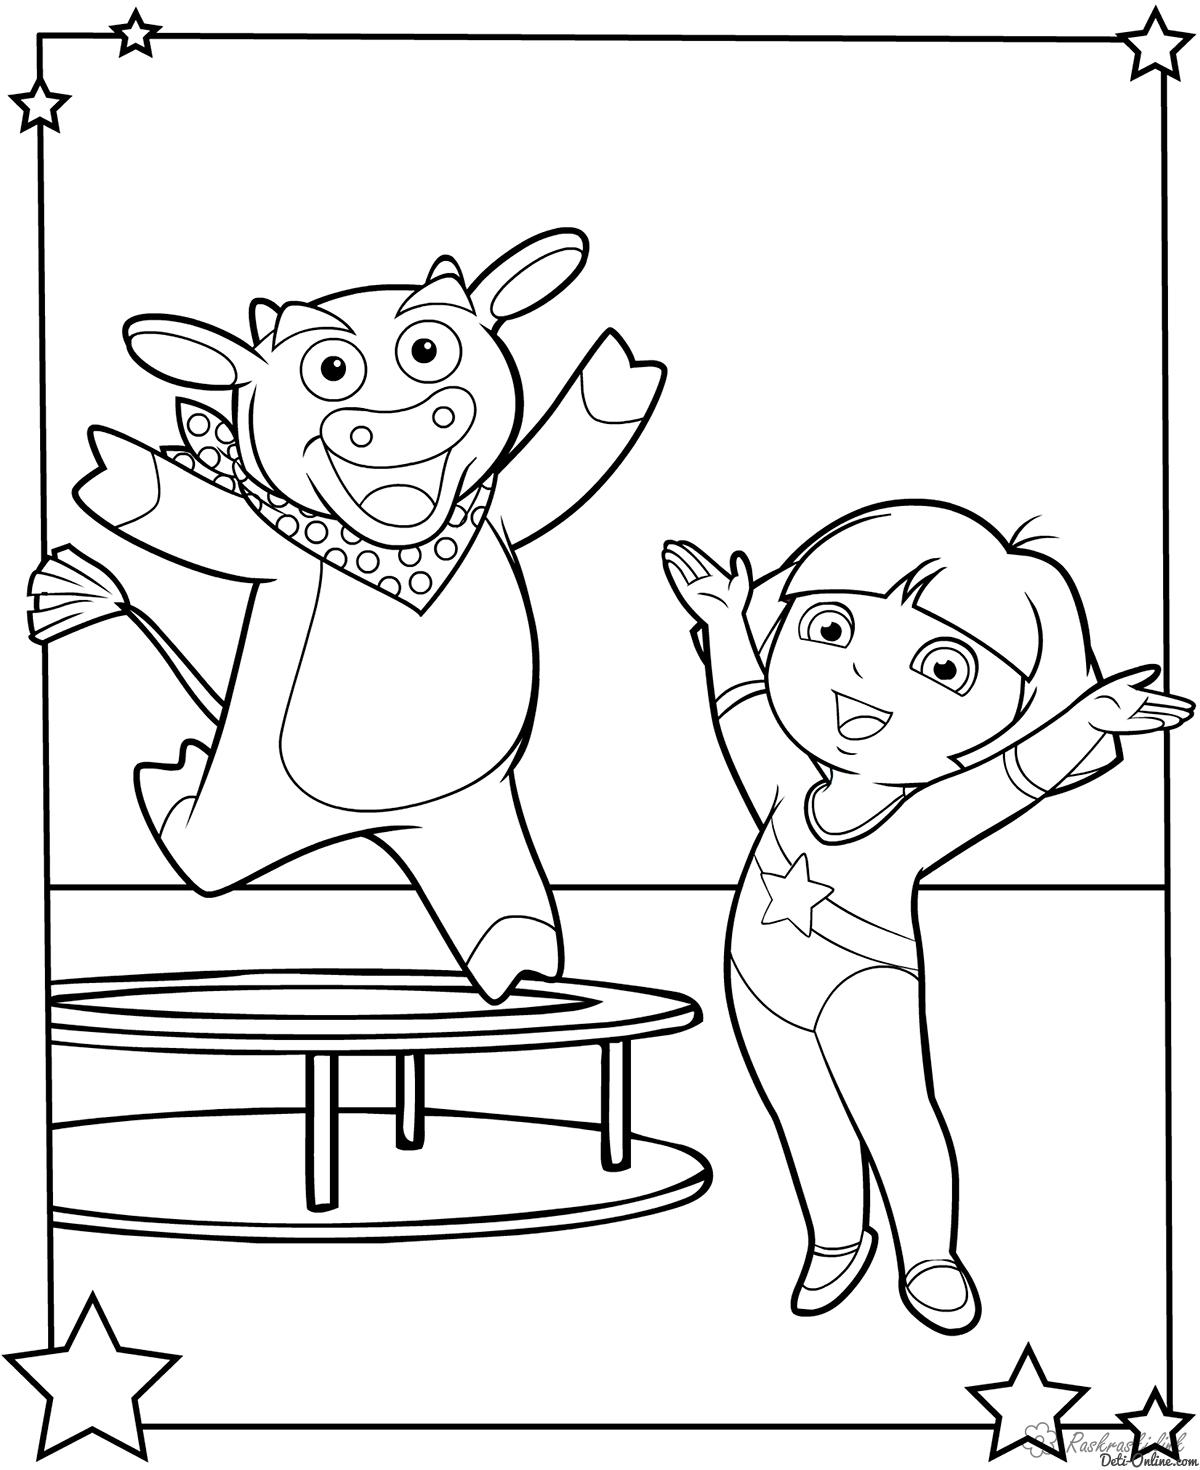 Розмальовки Гімнастика Гімнастика розфарбування, спорт розфарбування, для дітей розфарбування